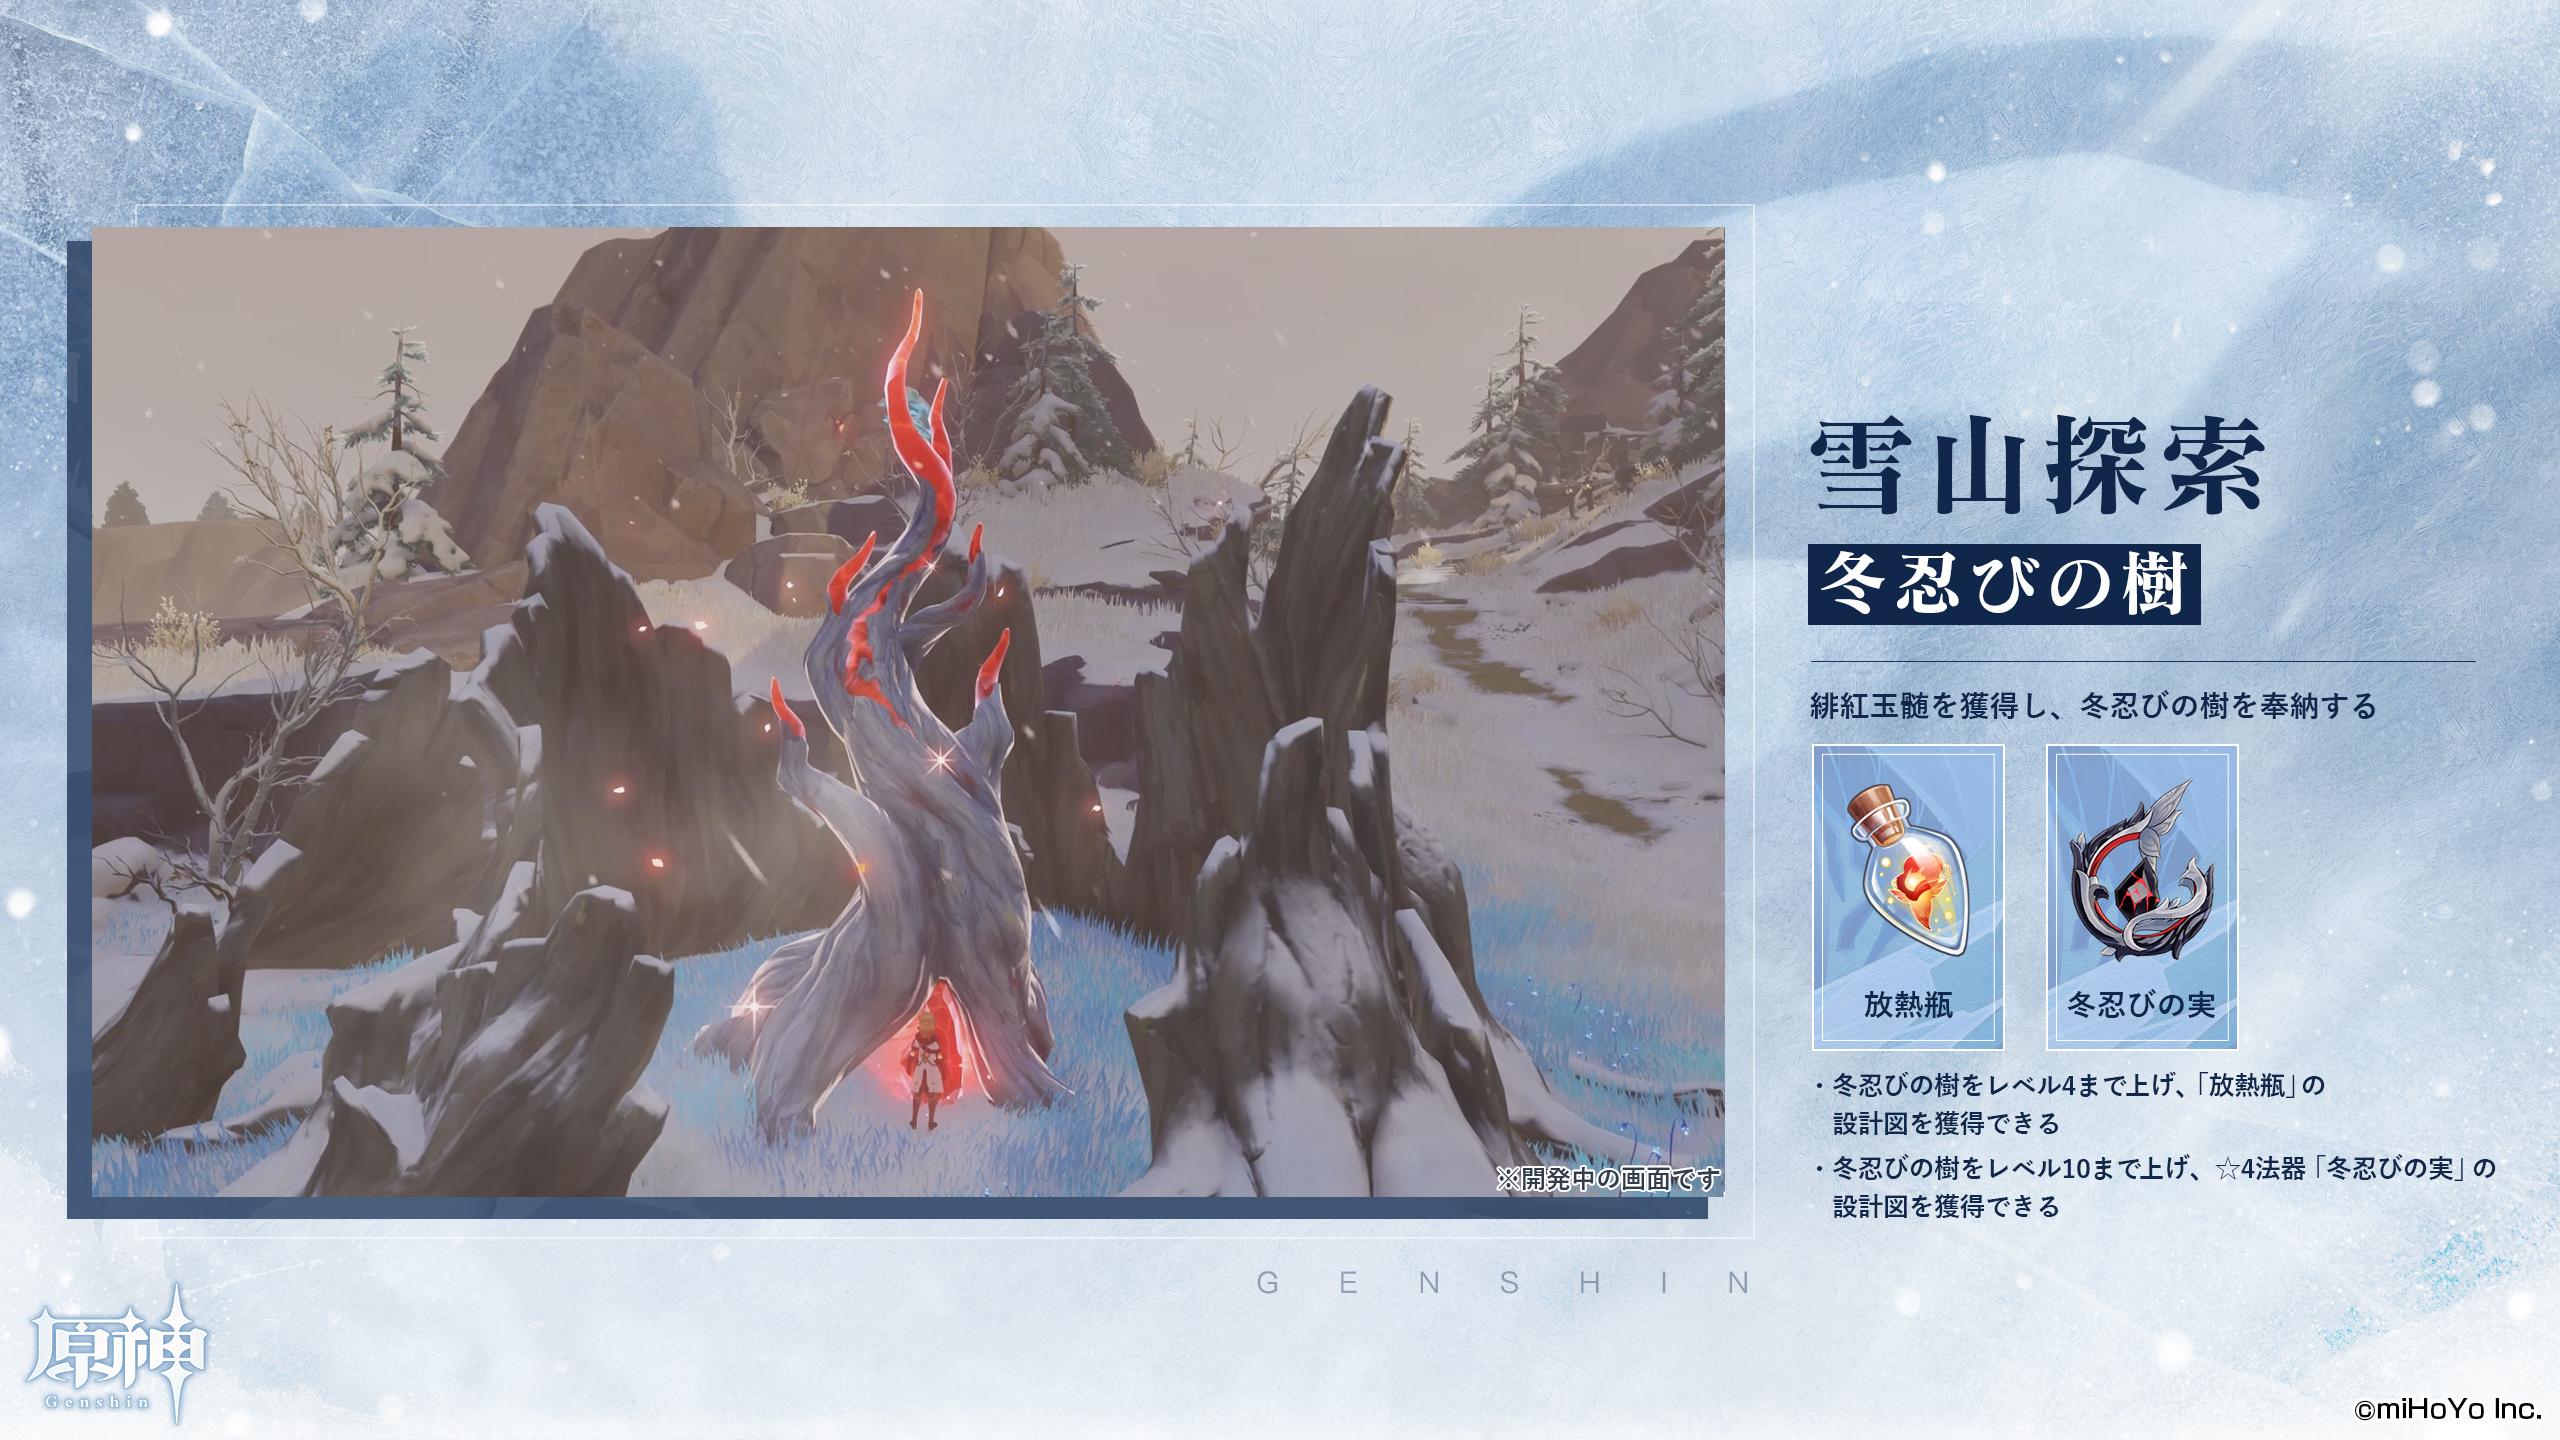 【雪山探索 冬忍びの樹】 放熱瓶/冬忍びの実